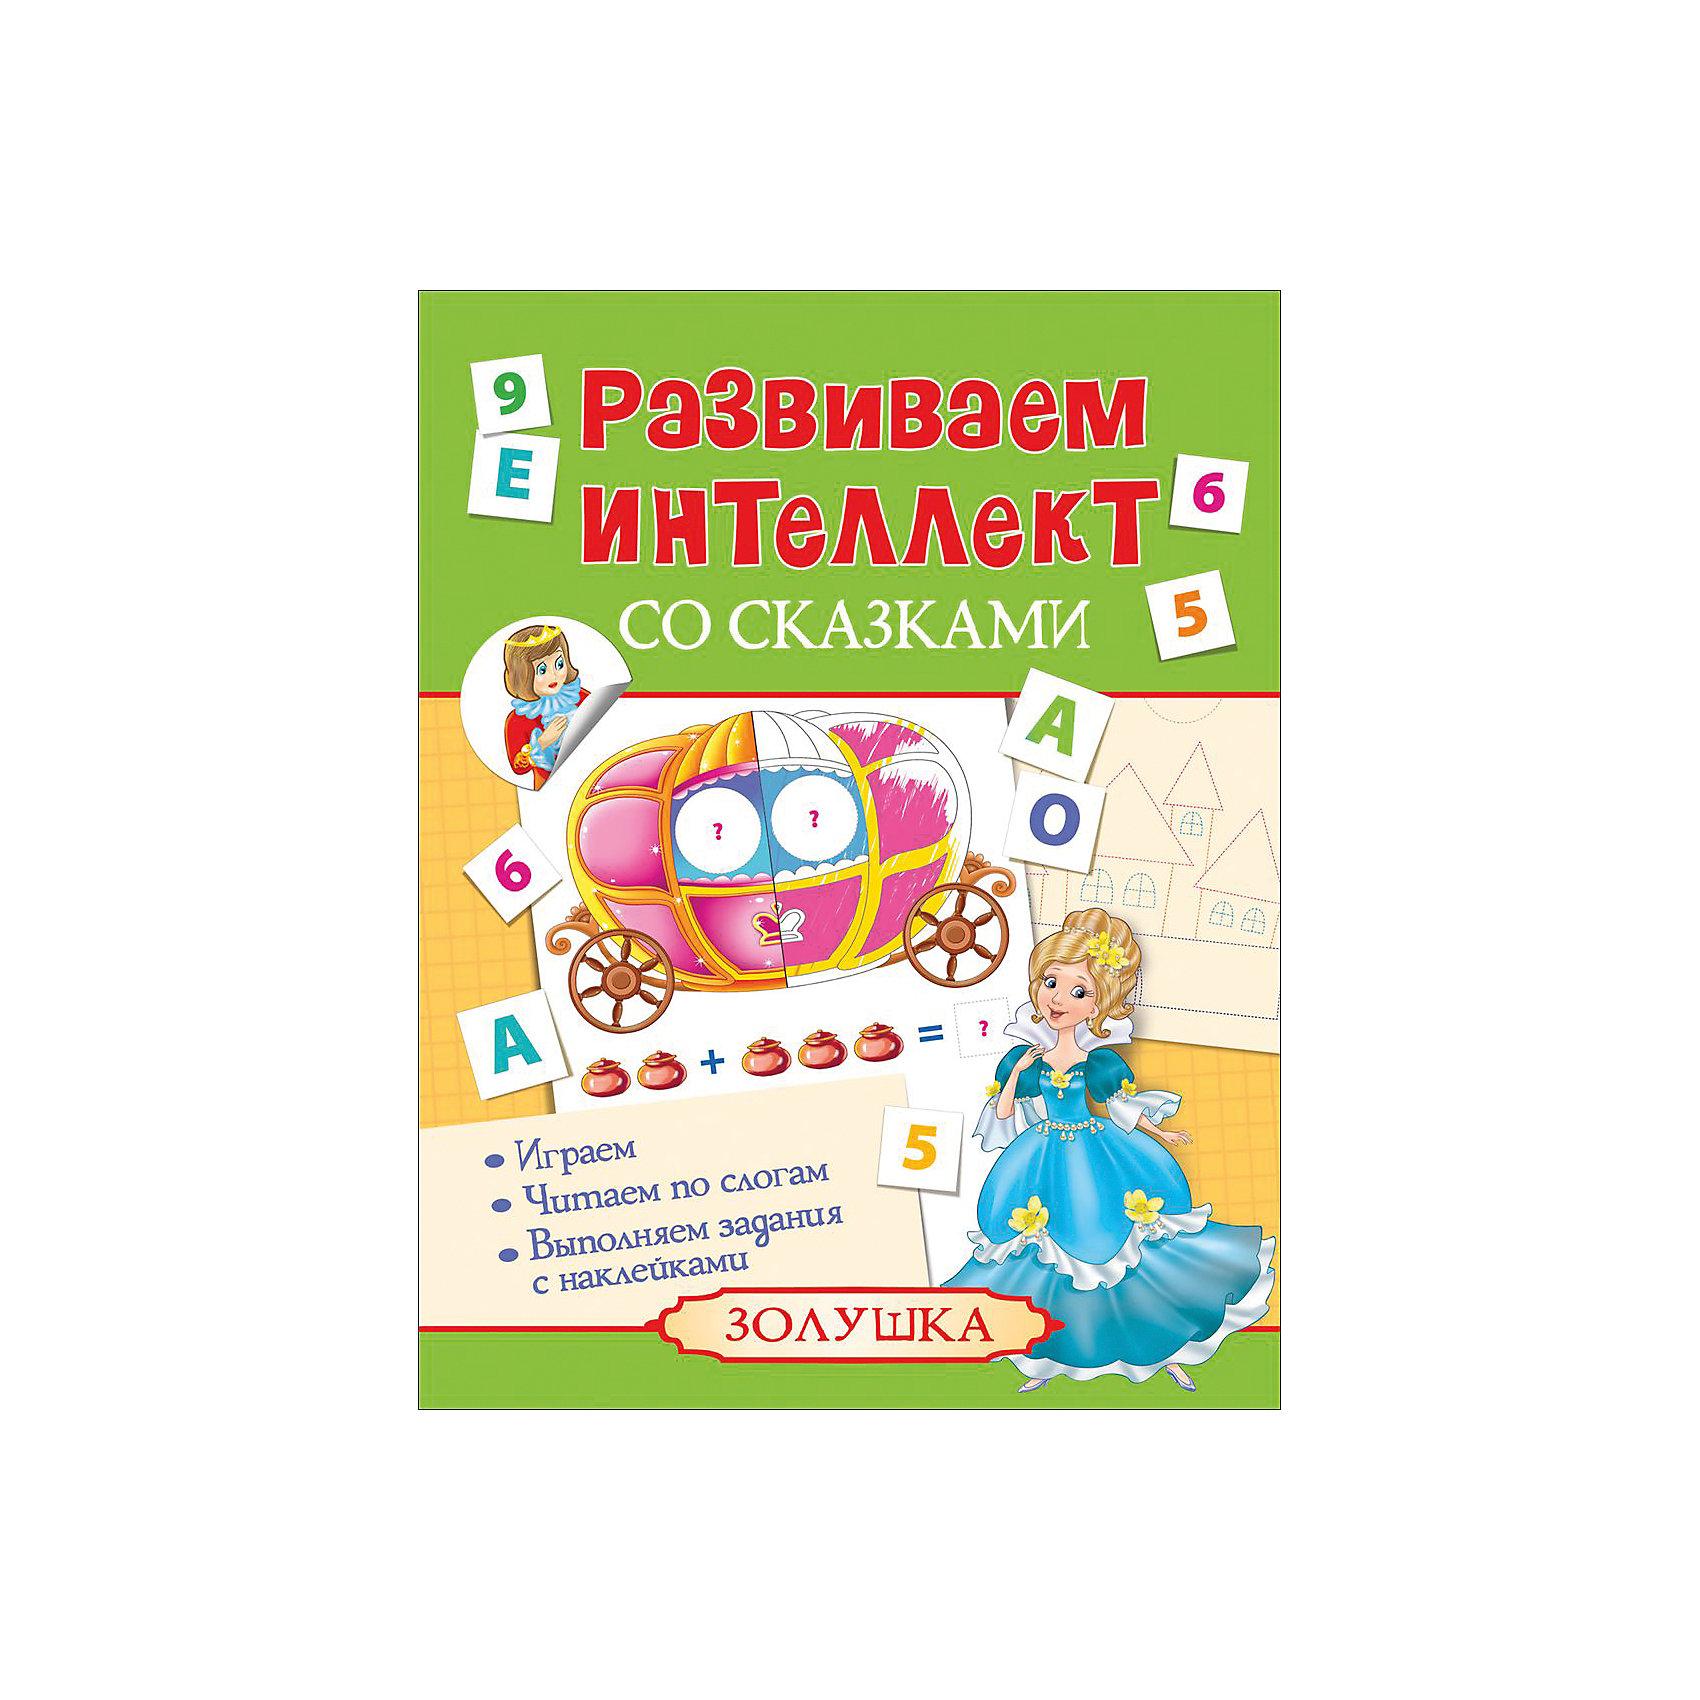 Развиваем интеллект со сказками. ЗолушкаРусские сказки<br>Характеристики товара:<br><br>- цвет: разноцветный;<br>- материал: бумага;<br>- страниц: 8;<br>- формат: 26 х 20 см;<br>- обложка: мягкая;<br>- развивающее издание.<br><br>Это интересное развивающее издание станет отличным подарком для родителей и ребенка. Оно содержит в себе сказку, особым образом офорленную, с помощью которой учиться читать гораздо проще. Также есть увлекательные задания. Всё представлено в очень простой форме! Это издание поможет привить любовь к учебе!<br>Такое обучение помогает ребенку развивать зрительную память, концентрацию внимания и воображение. Издание произведено из качественных материалов, которые безопасны даже для самых маленьких.<br><br>Издание Развиваем интеллект со сказками. Золушка от компании Росмэн можно купить в нашем интернет-магазине.<br><br>Ширина мм: 255<br>Глубина мм: 195<br>Высота мм: 1<br>Вес г: 56<br>Возраст от месяцев: 36<br>Возраст до месяцев: 72<br>Пол: Унисекс<br>Возраст: Детский<br>SKU: 5110032